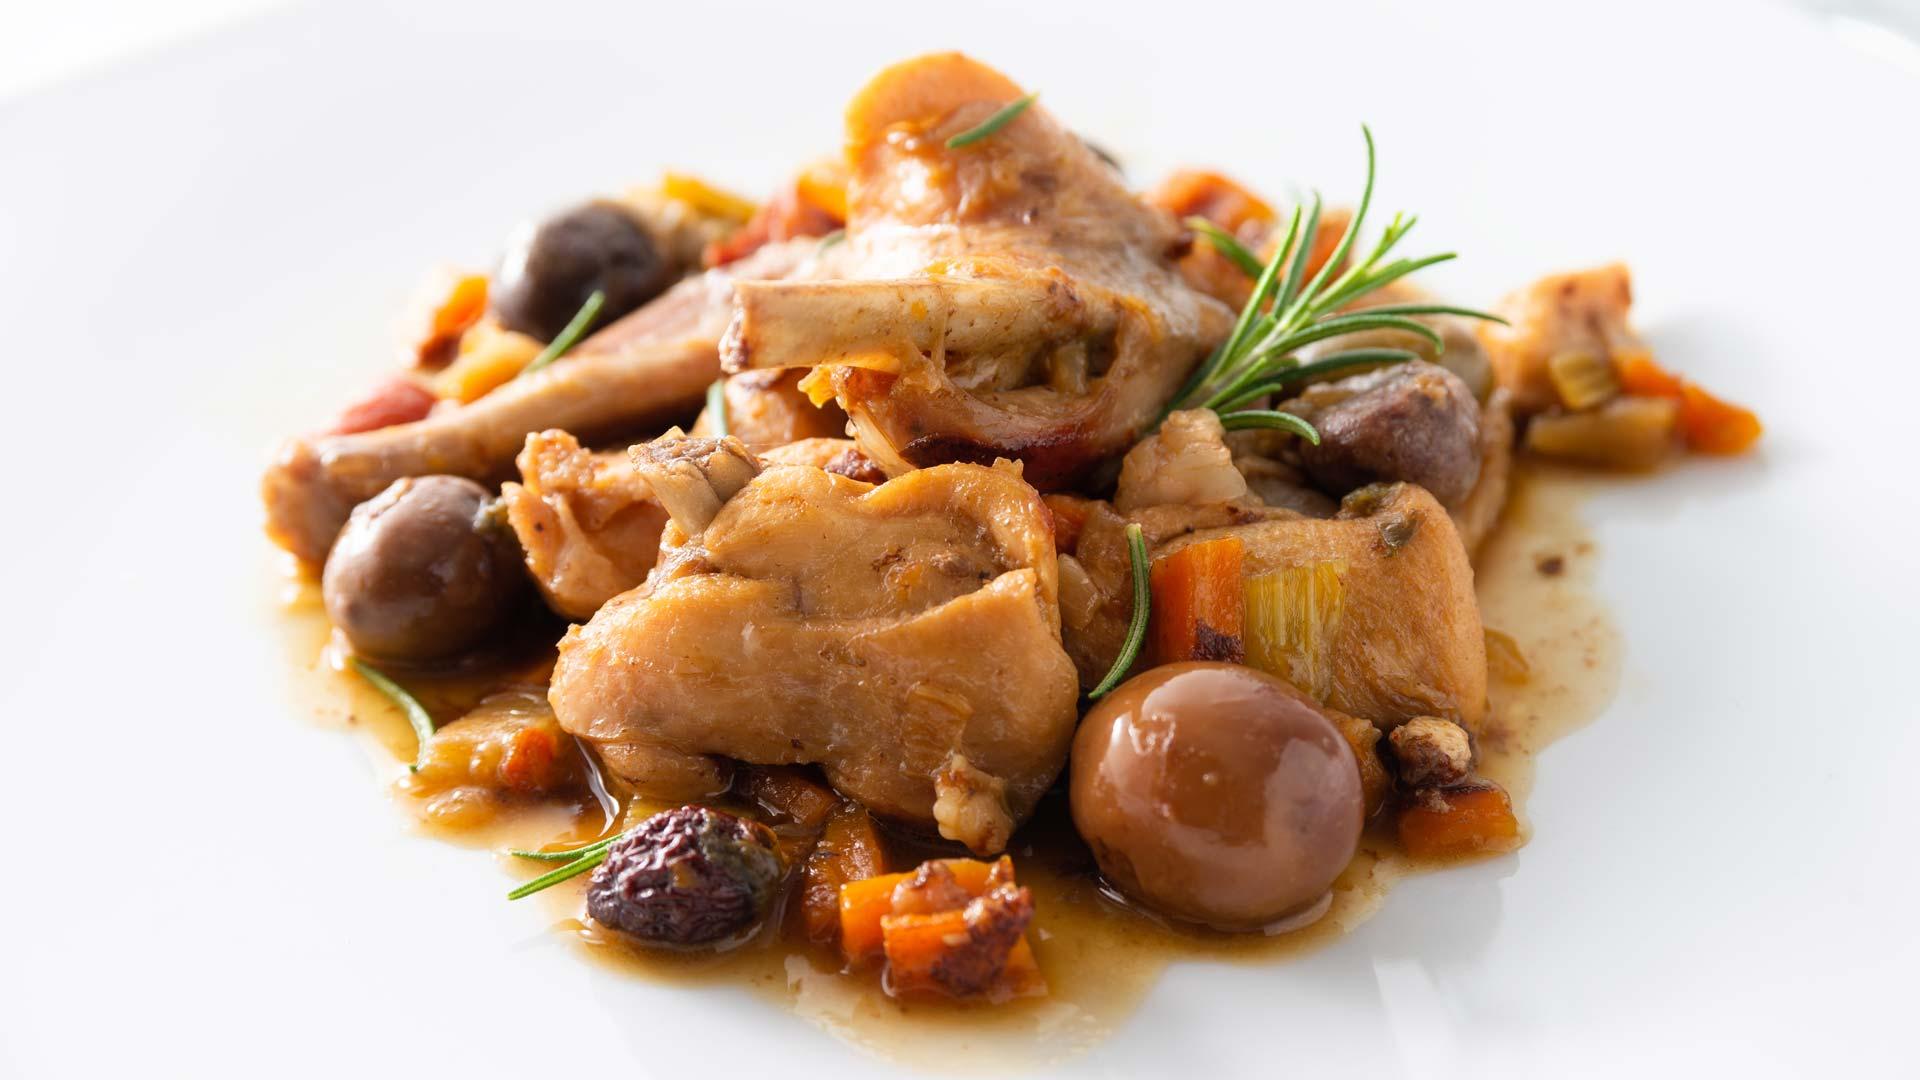 macelleria da gianni a donigala ricetta coniglio a sachittu